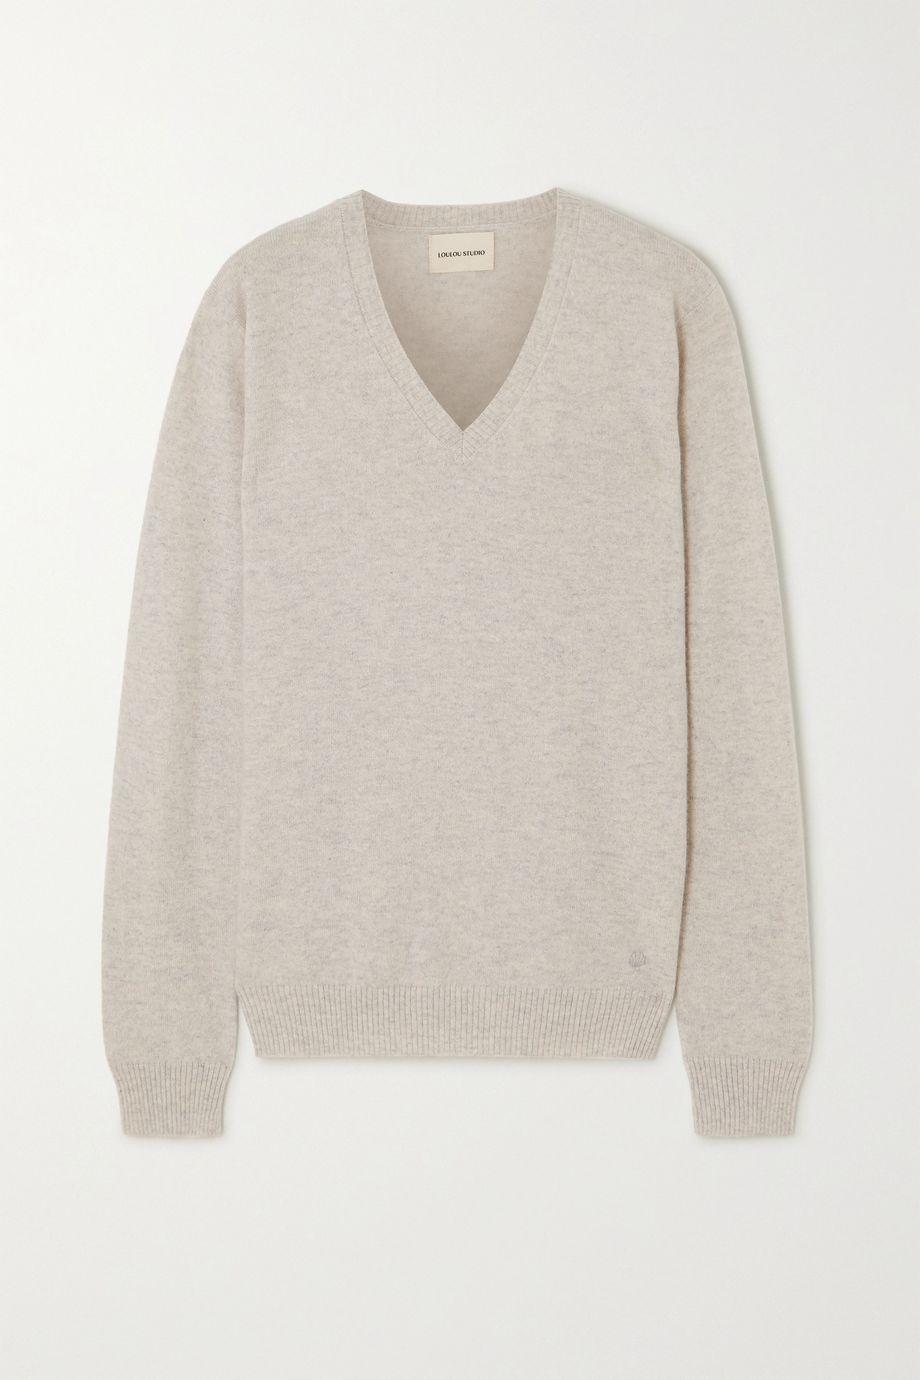 LOULOU STUDIO Serafini oversized mélange cashmere sweater